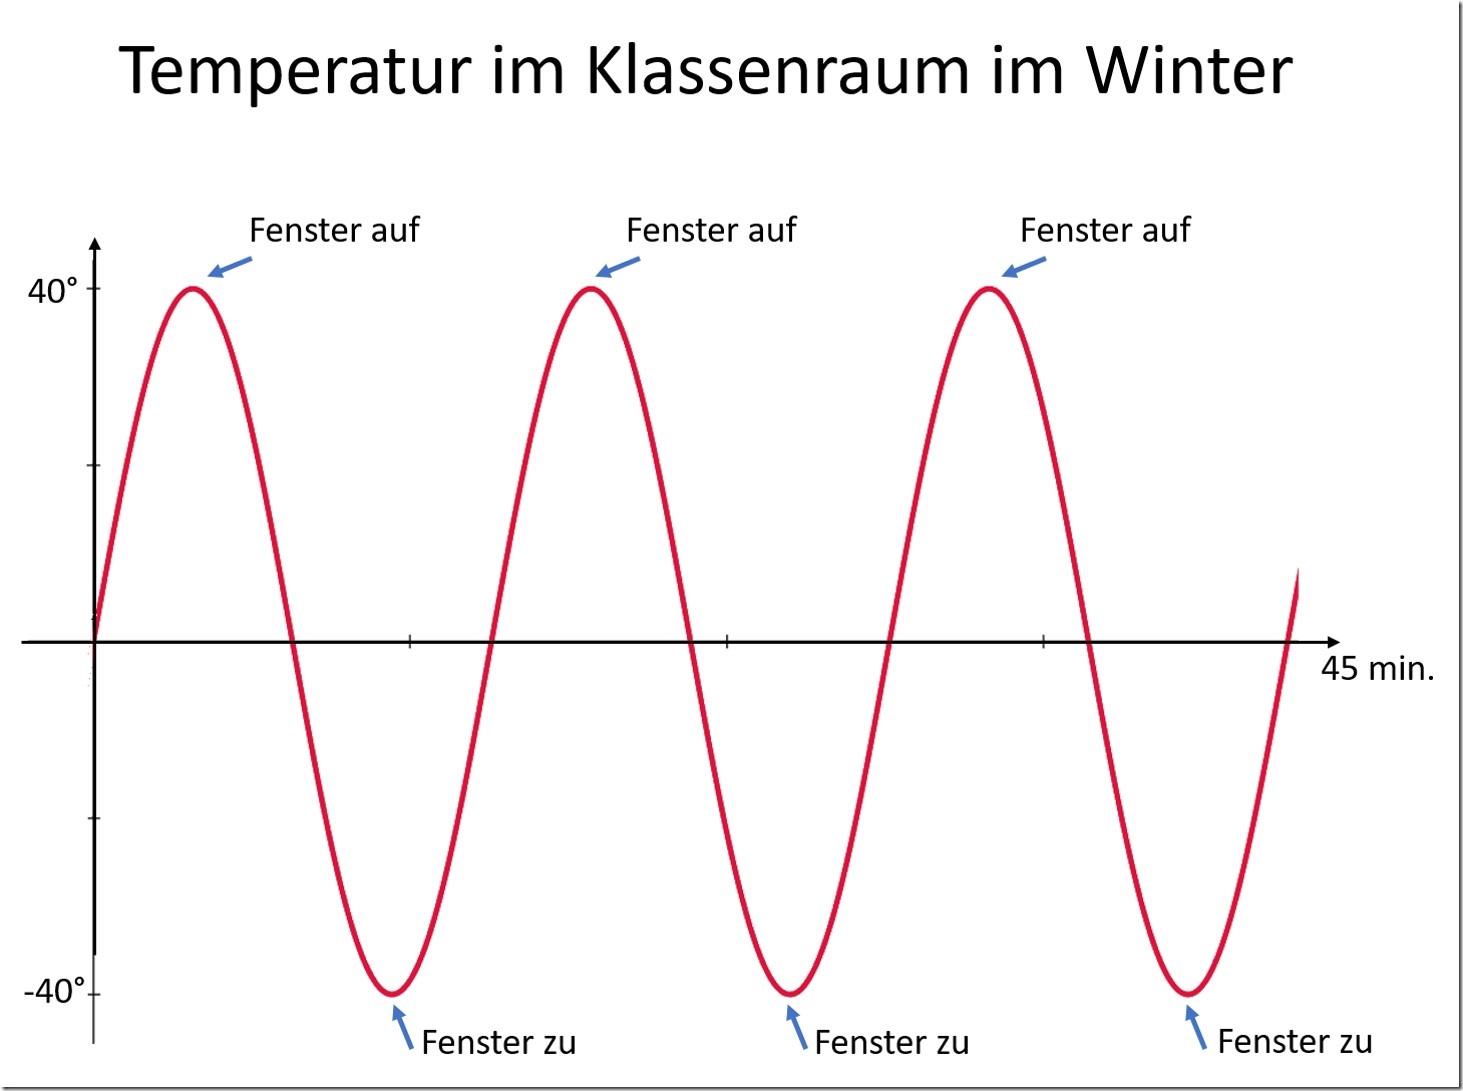 Temperatur im Klassenraum